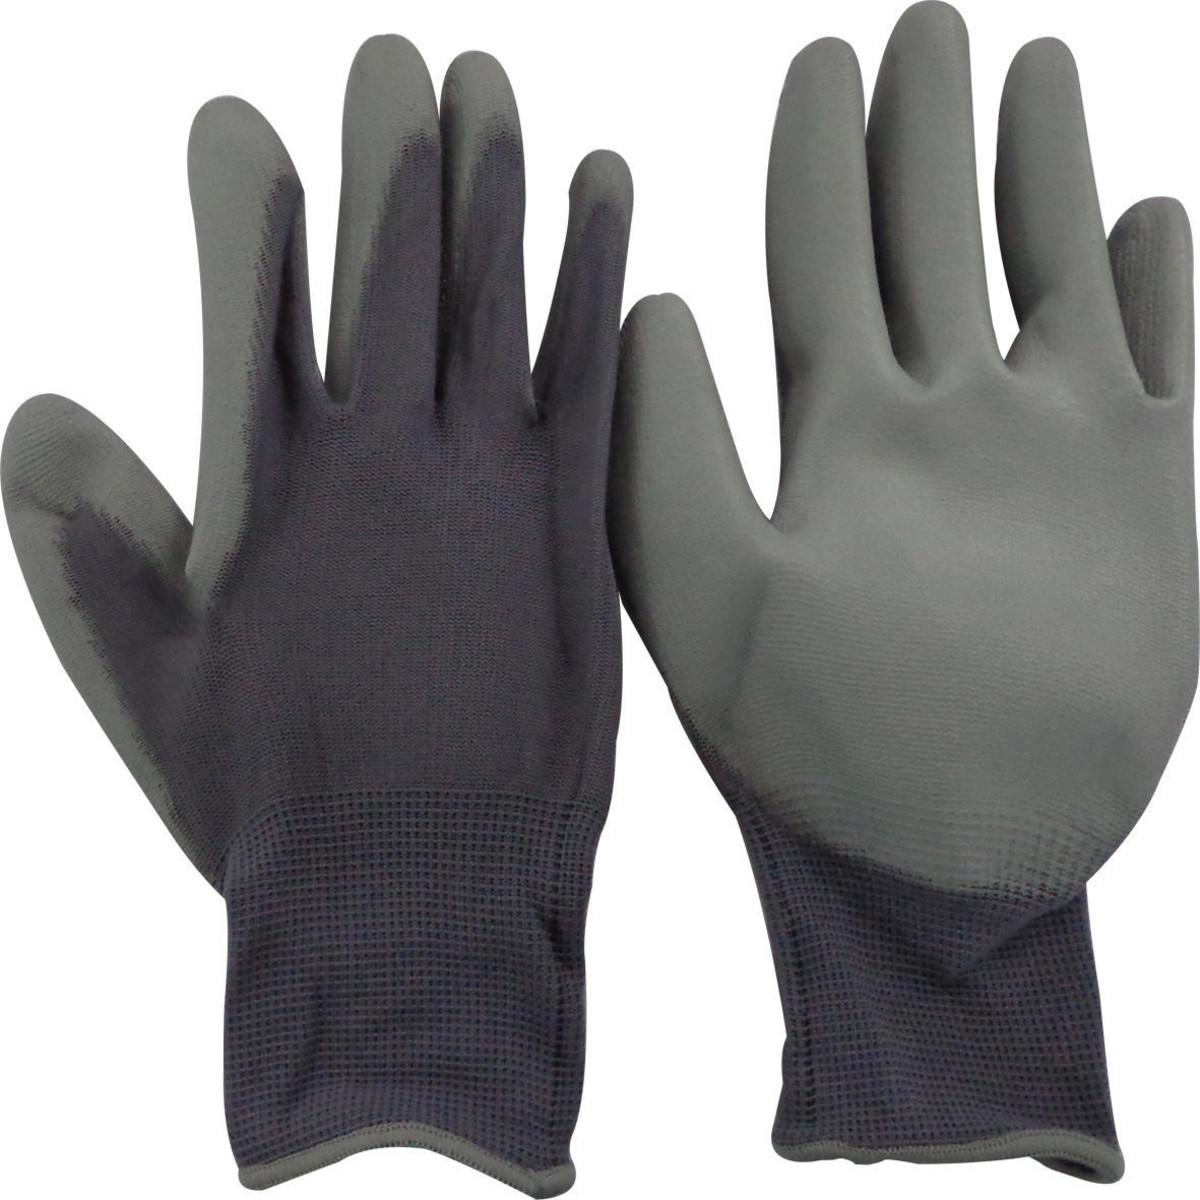 Перчатки Dexter нейлоновые с полиуретановым покрытием размер 9